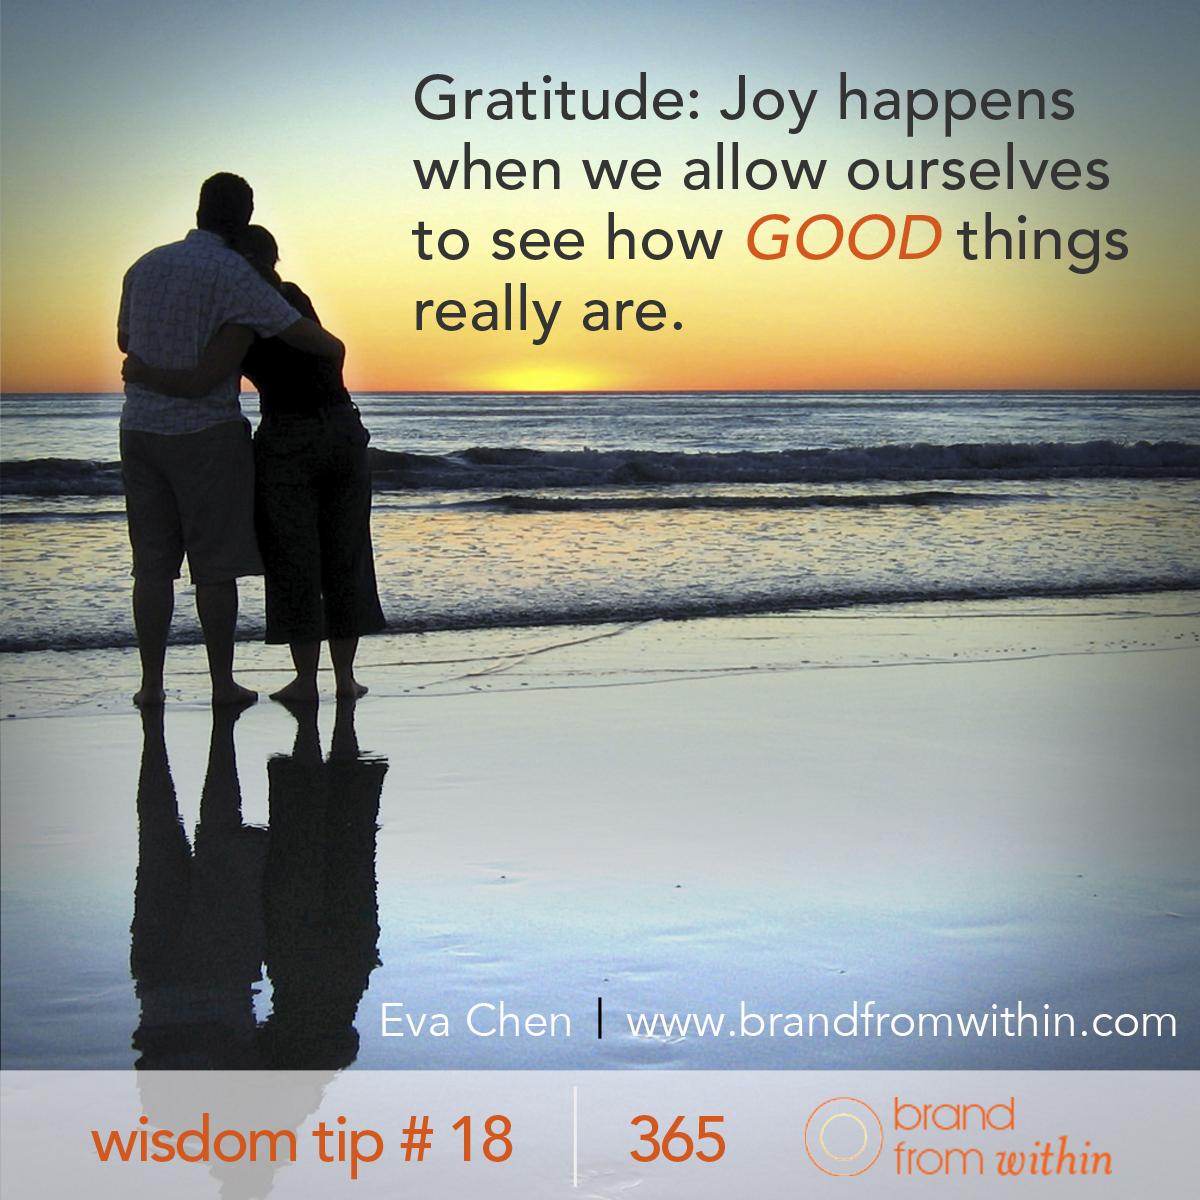 DAY 18 WISDOM TIP